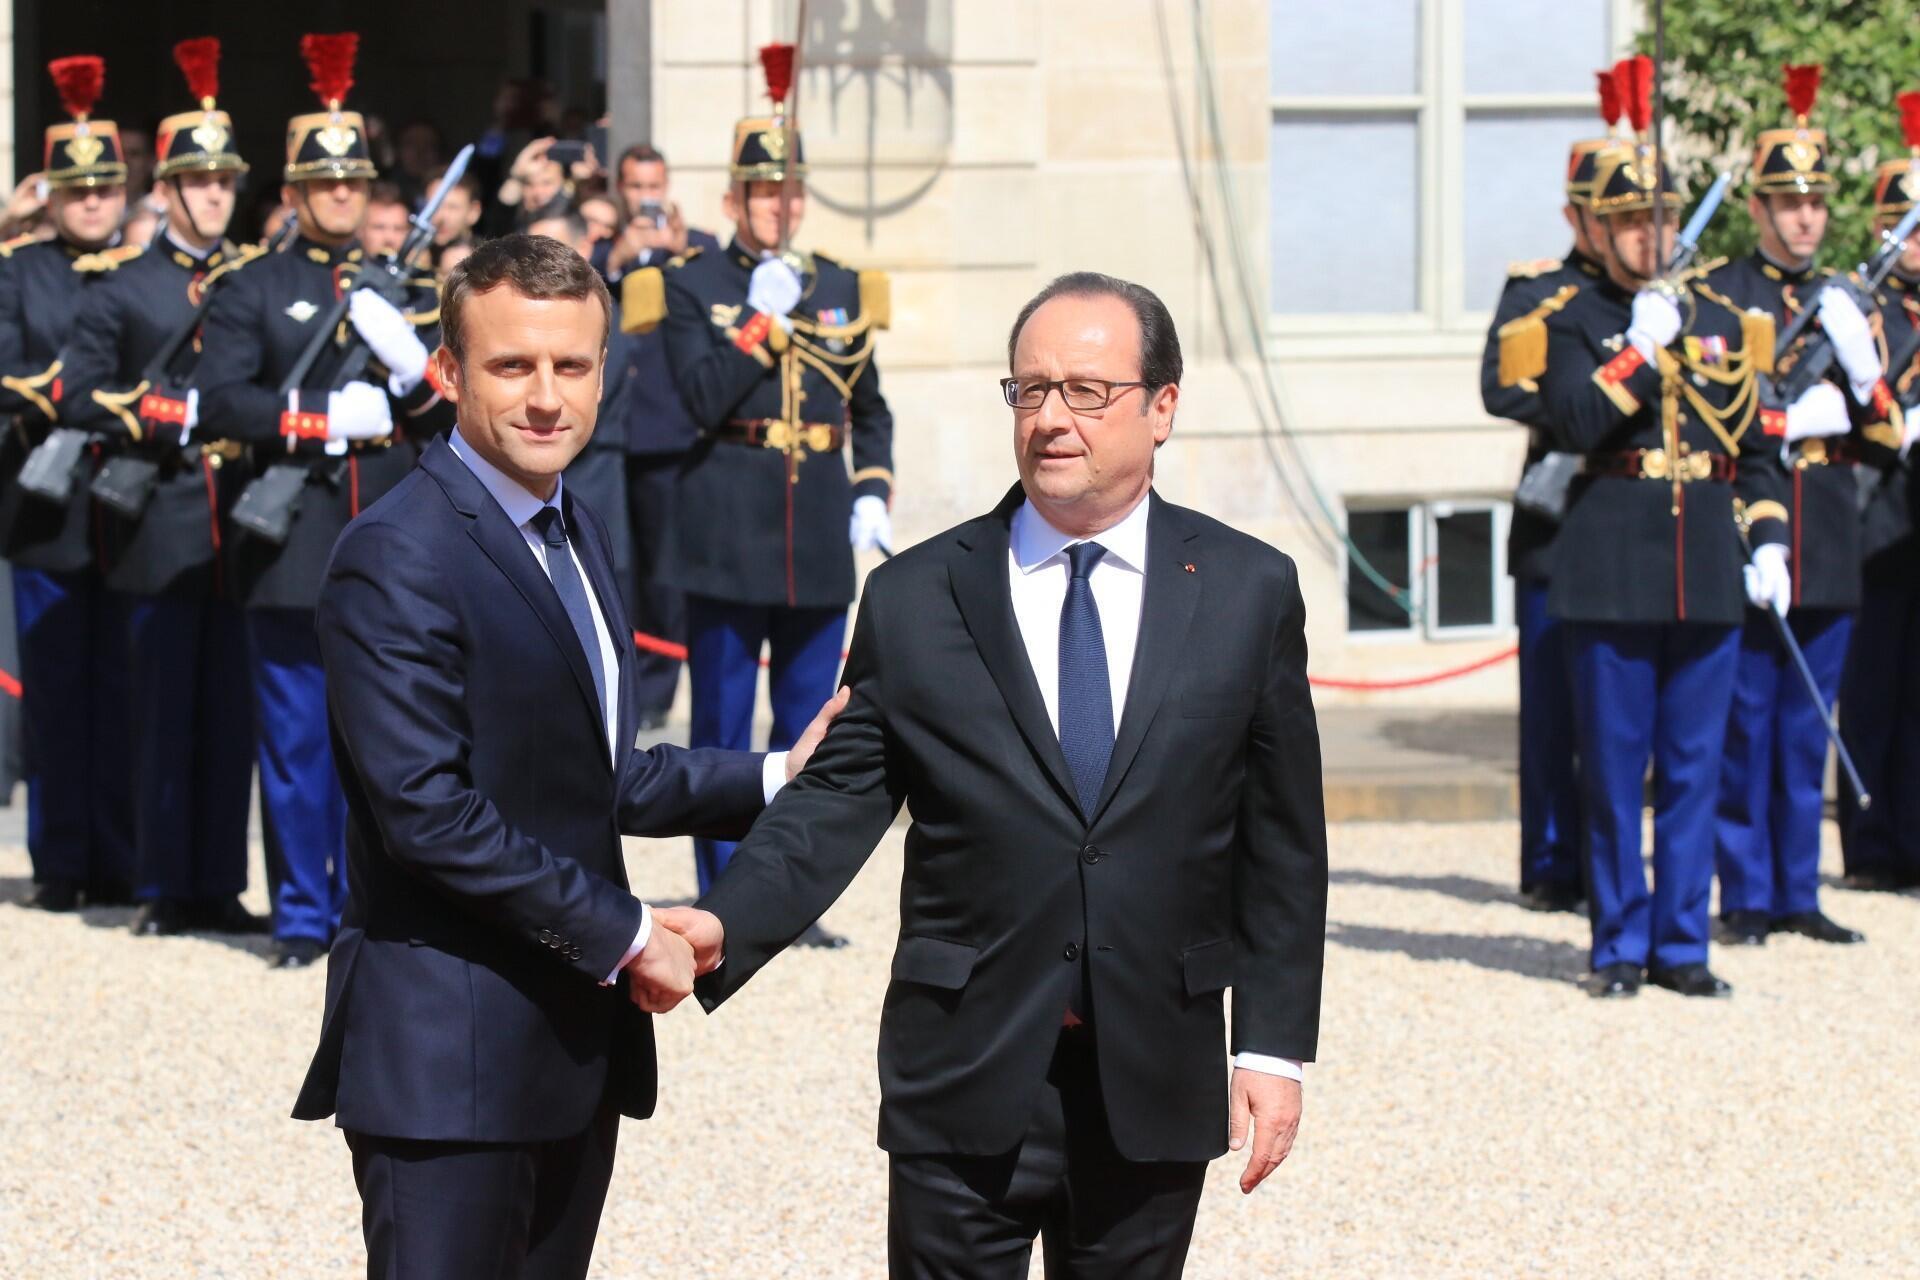 Франсуа Олланд передает полномочия президента Эмманюэлю Макрону 14 мая 2017